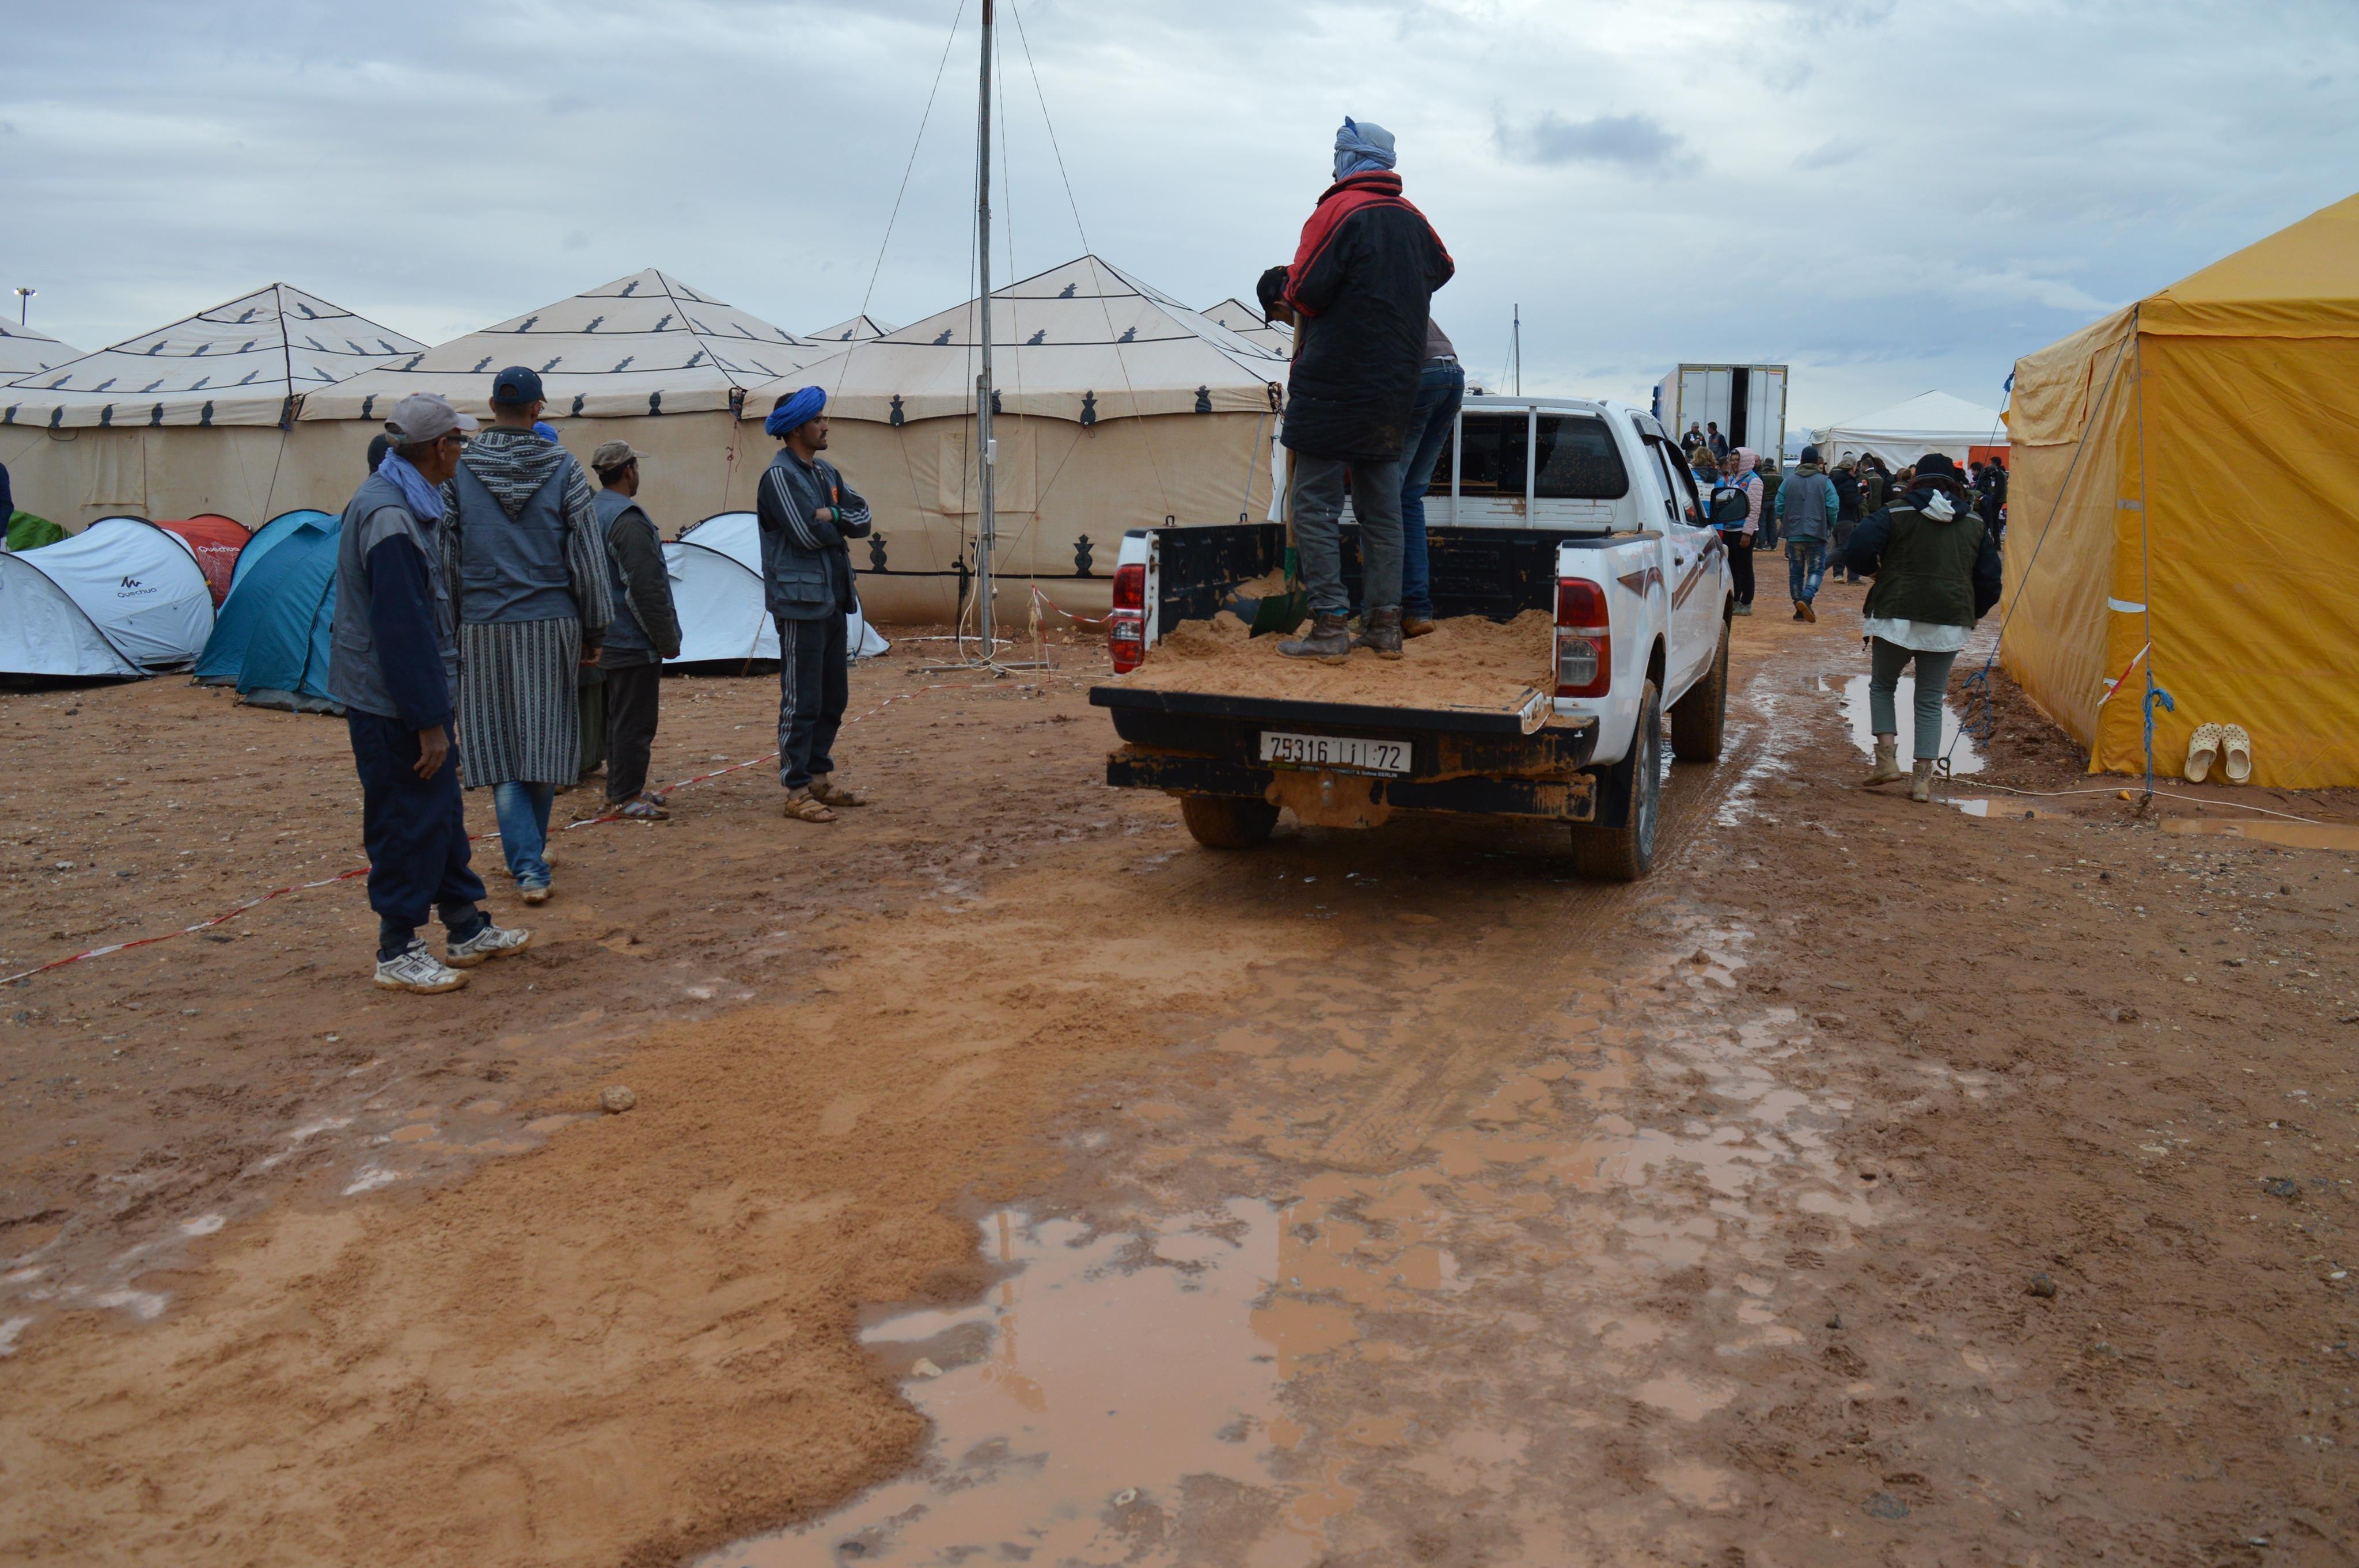 Rallye Aïcha des Gazelles: la pluie force l'annulation de la 4ème étape de la